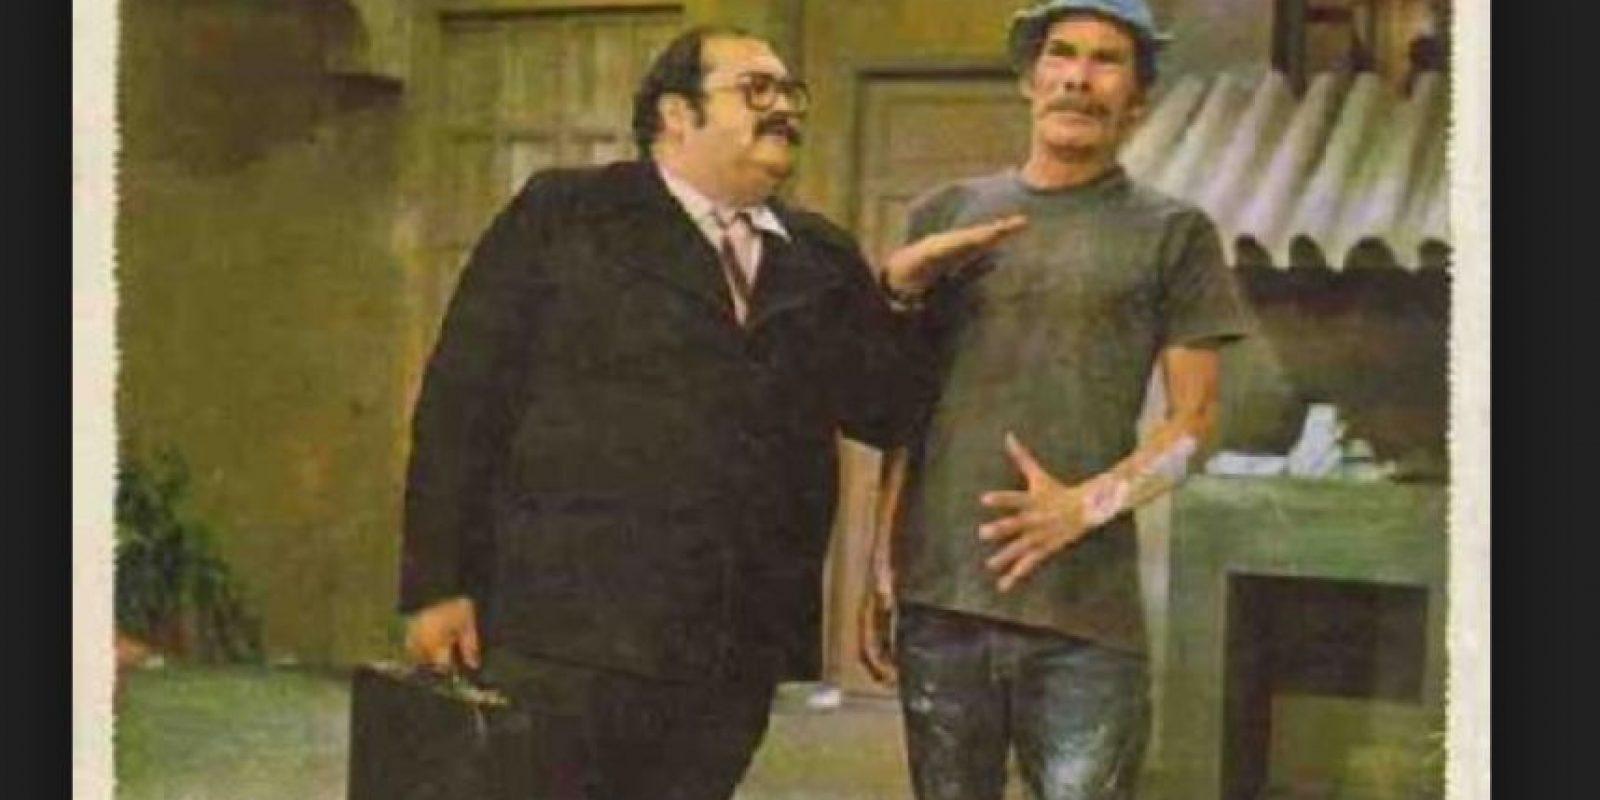 """Vivar tuvo severos problemas de salud por su peso. En 1992 tuvo que retirarse de """"El Chavo"""" por causa de esto. Foto:Tumblr"""